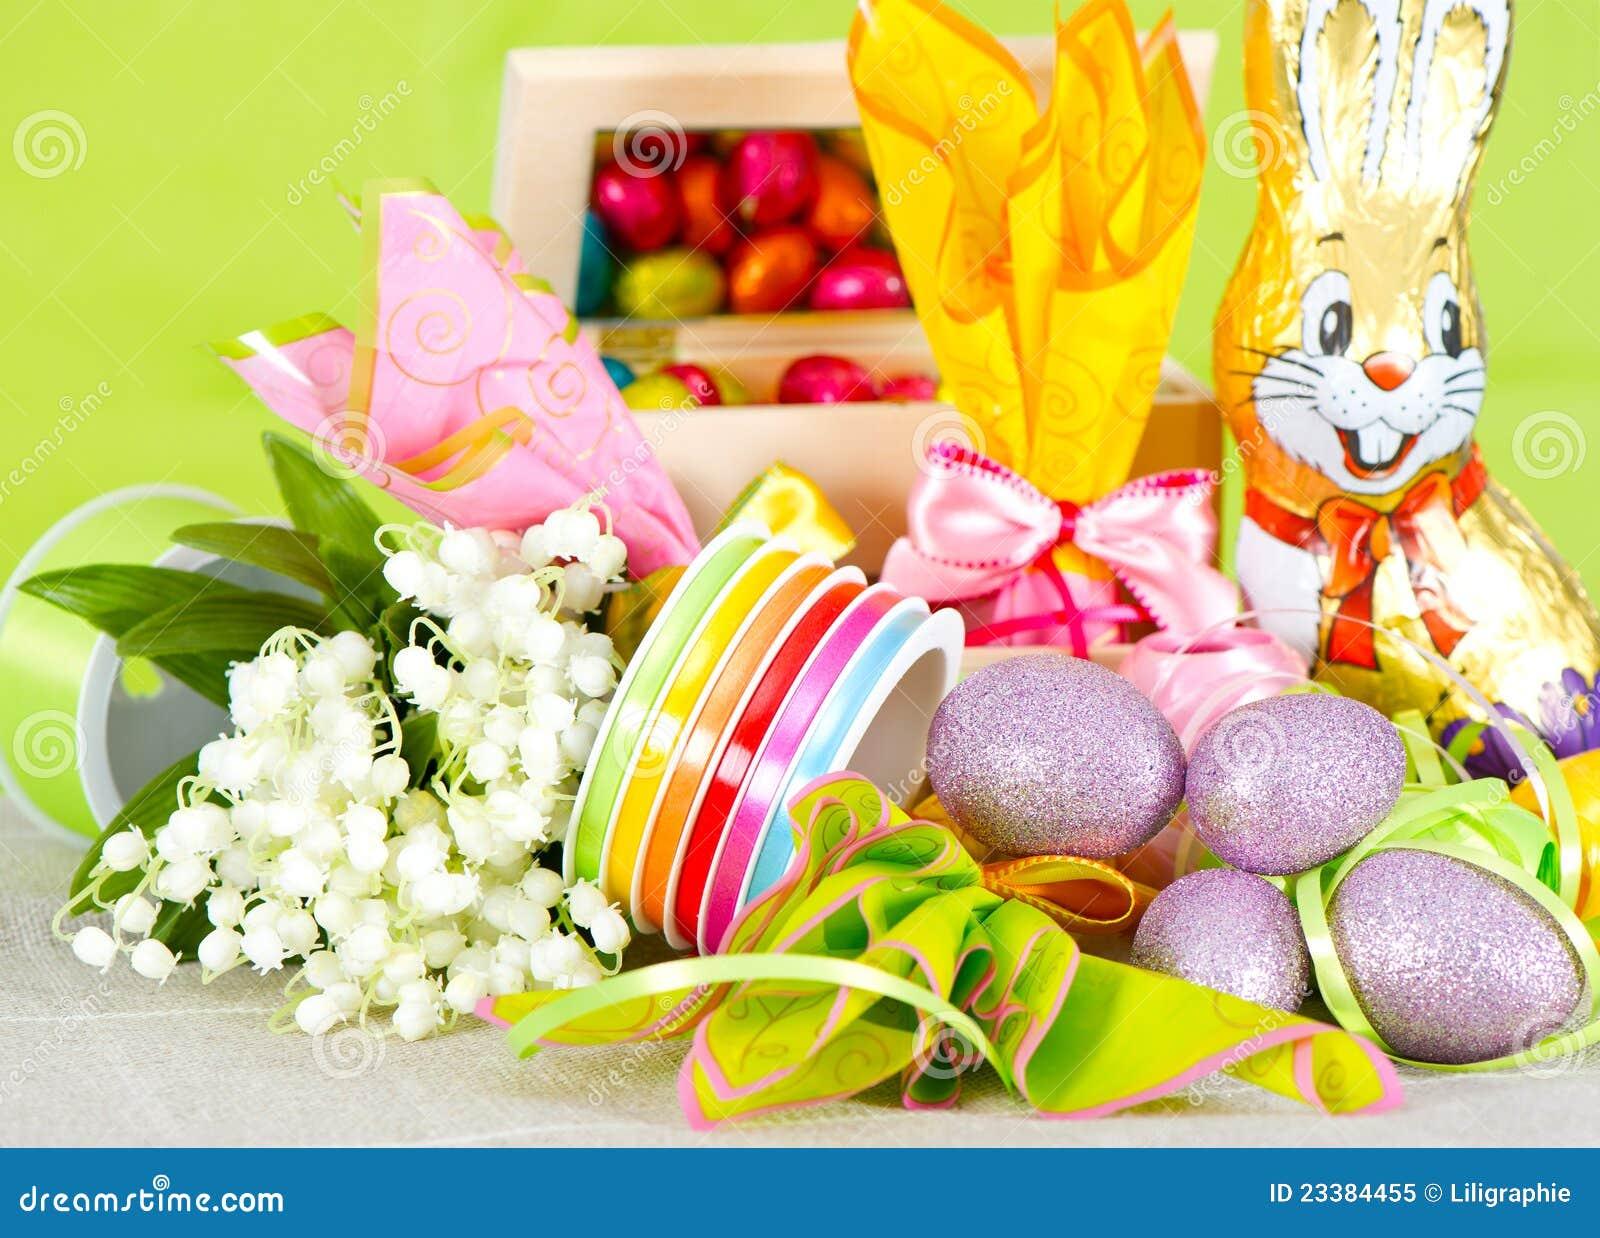 Ostern Dekoration Eier Und Blumen Lizenzfreies Stockfoto